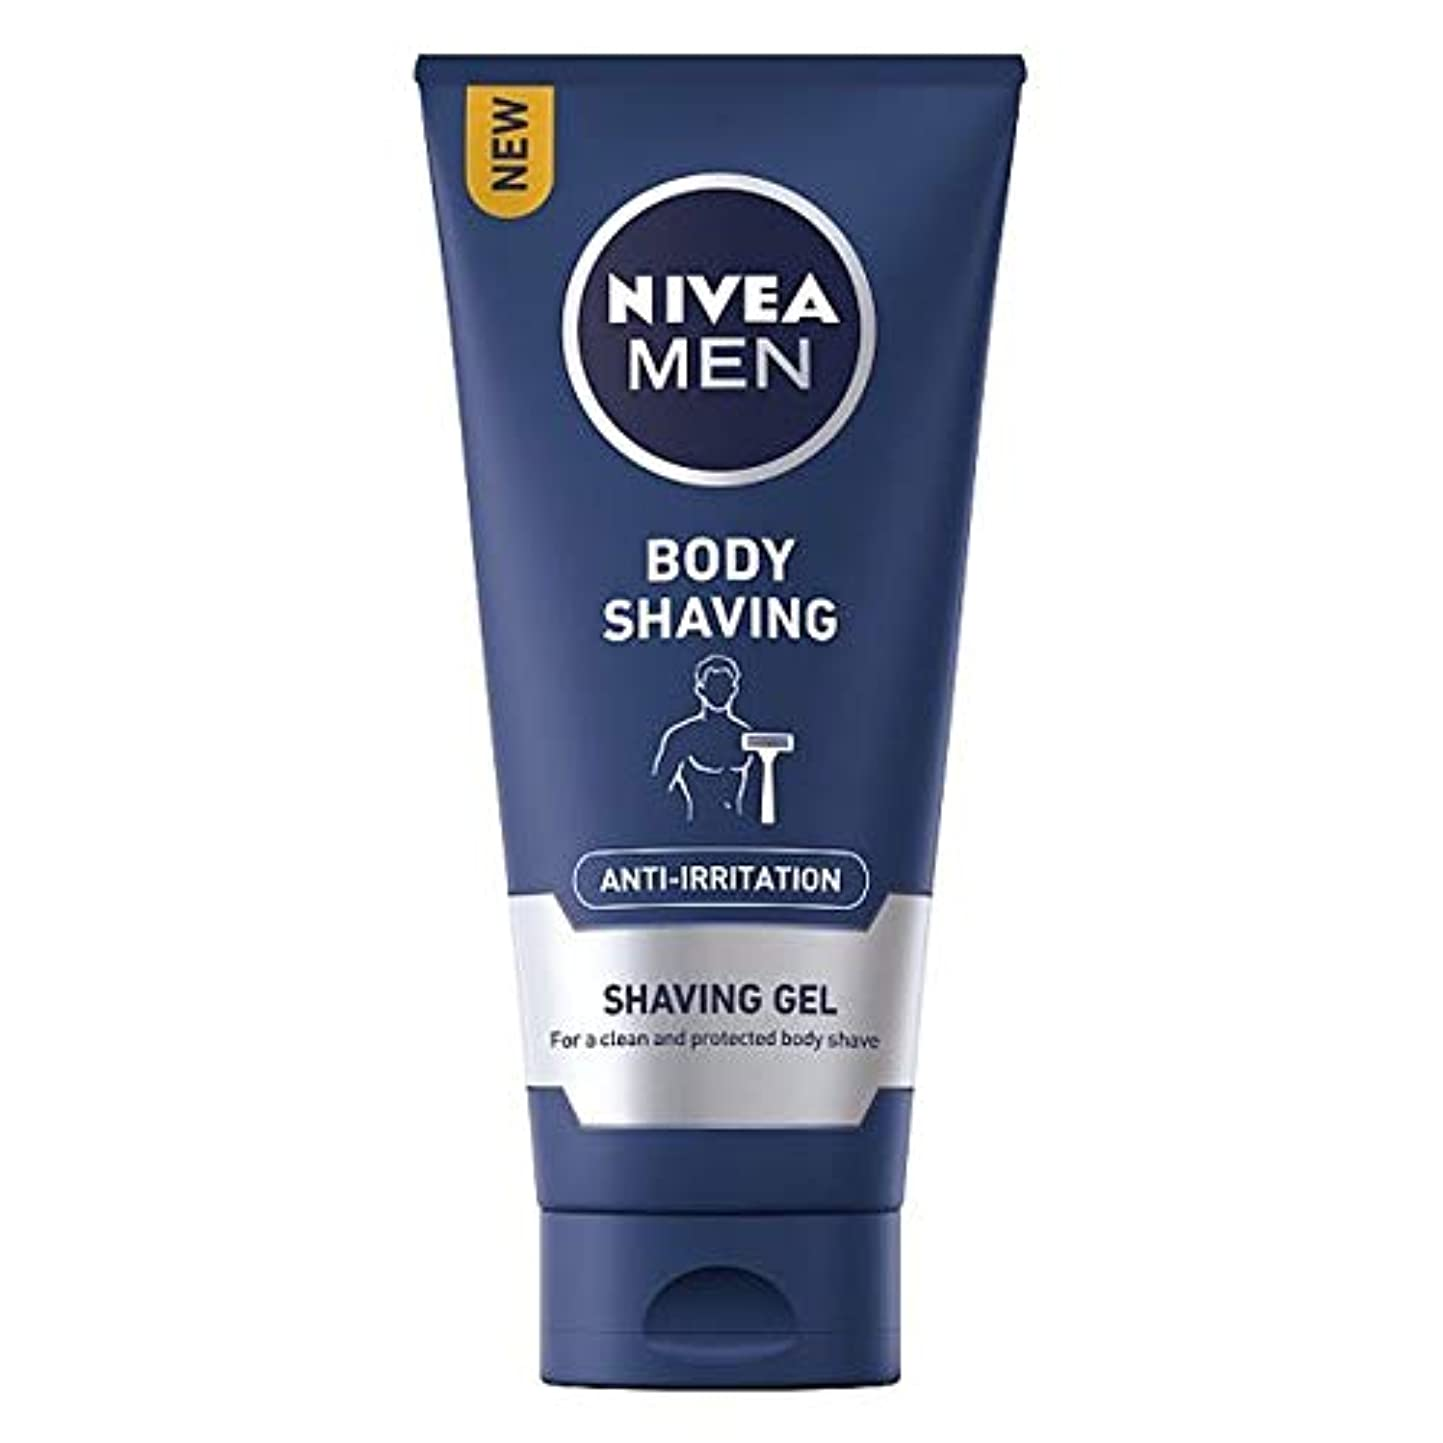 優越体操選手アプライアンス[Nivea] ニベア男性はひげをそるゲル200ミリリットルを保護し、ケア - Nivea Men Protect And Care Shave Gel 200Ml [並行輸入品]